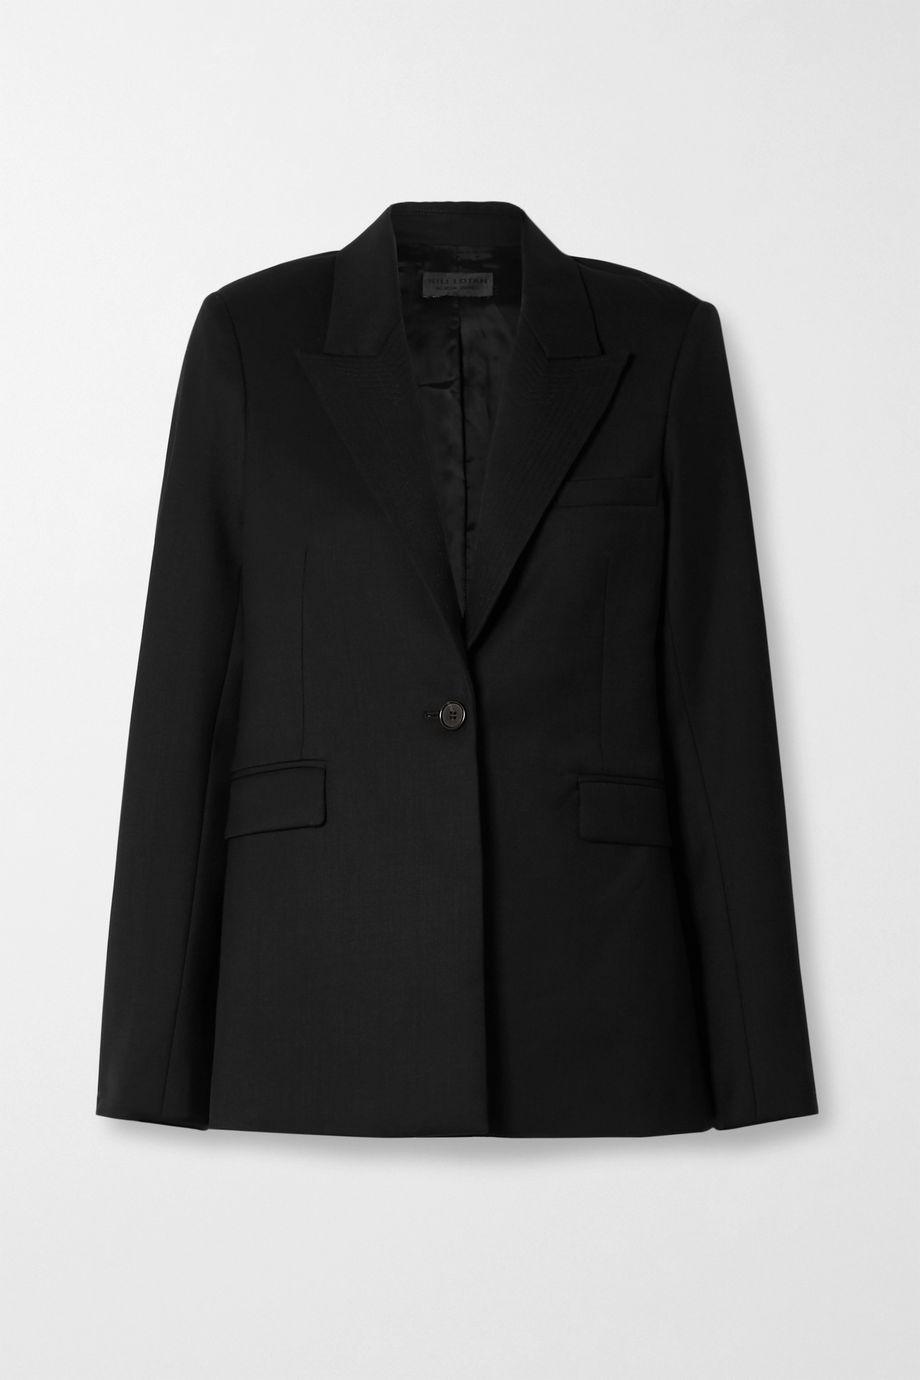 Nili Lotan Demna wool-blend twill blazer